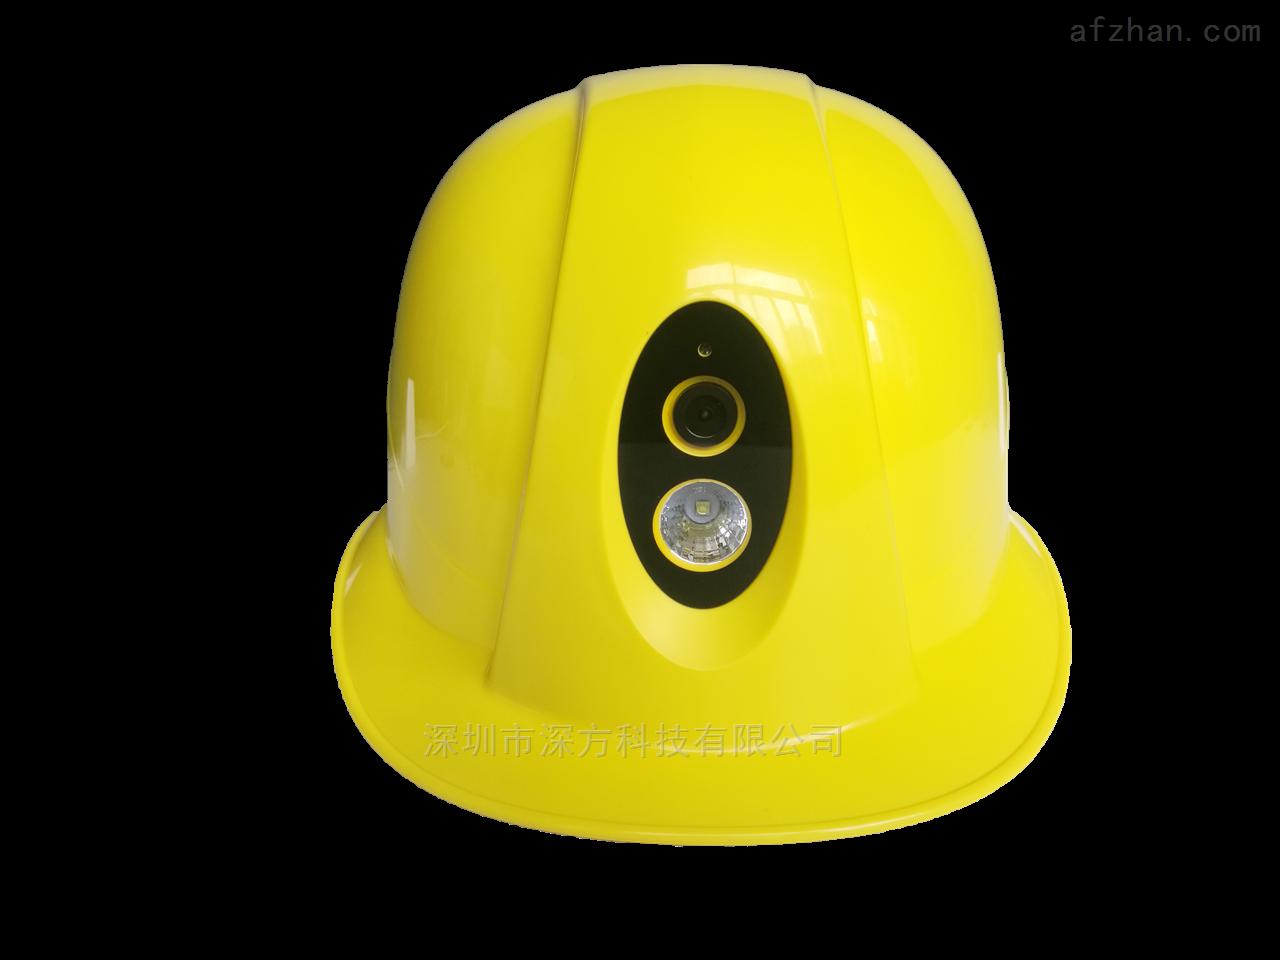 高清4G头盔 头盔无线传输 智能4G头盔 甘肃